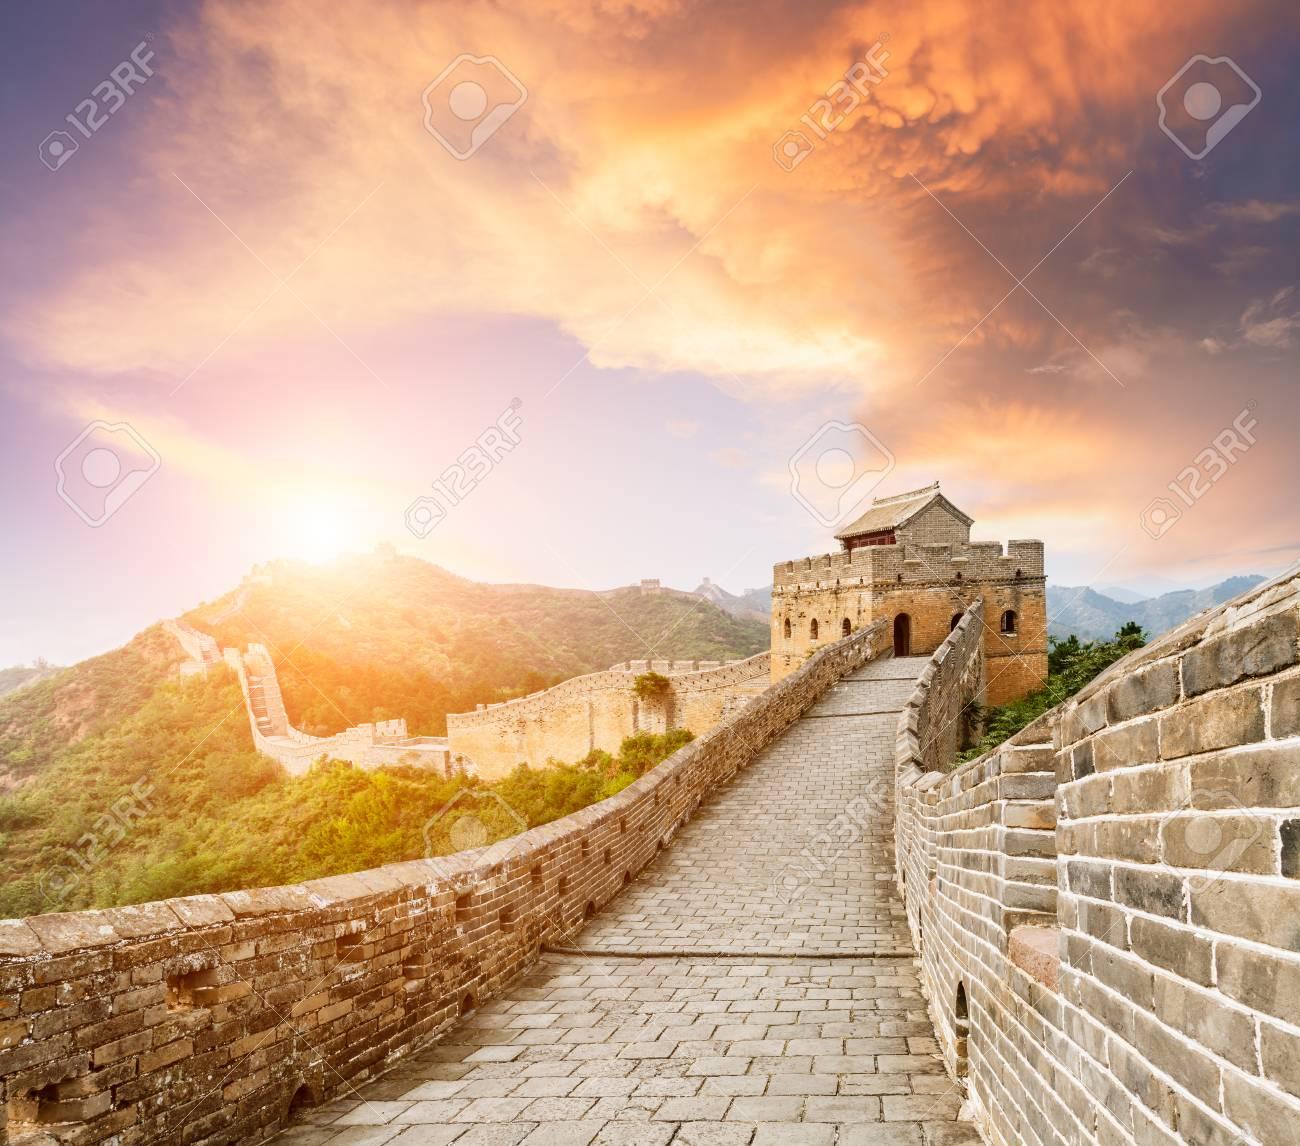 The famous Great Wall of China,jinshanling - 62760279